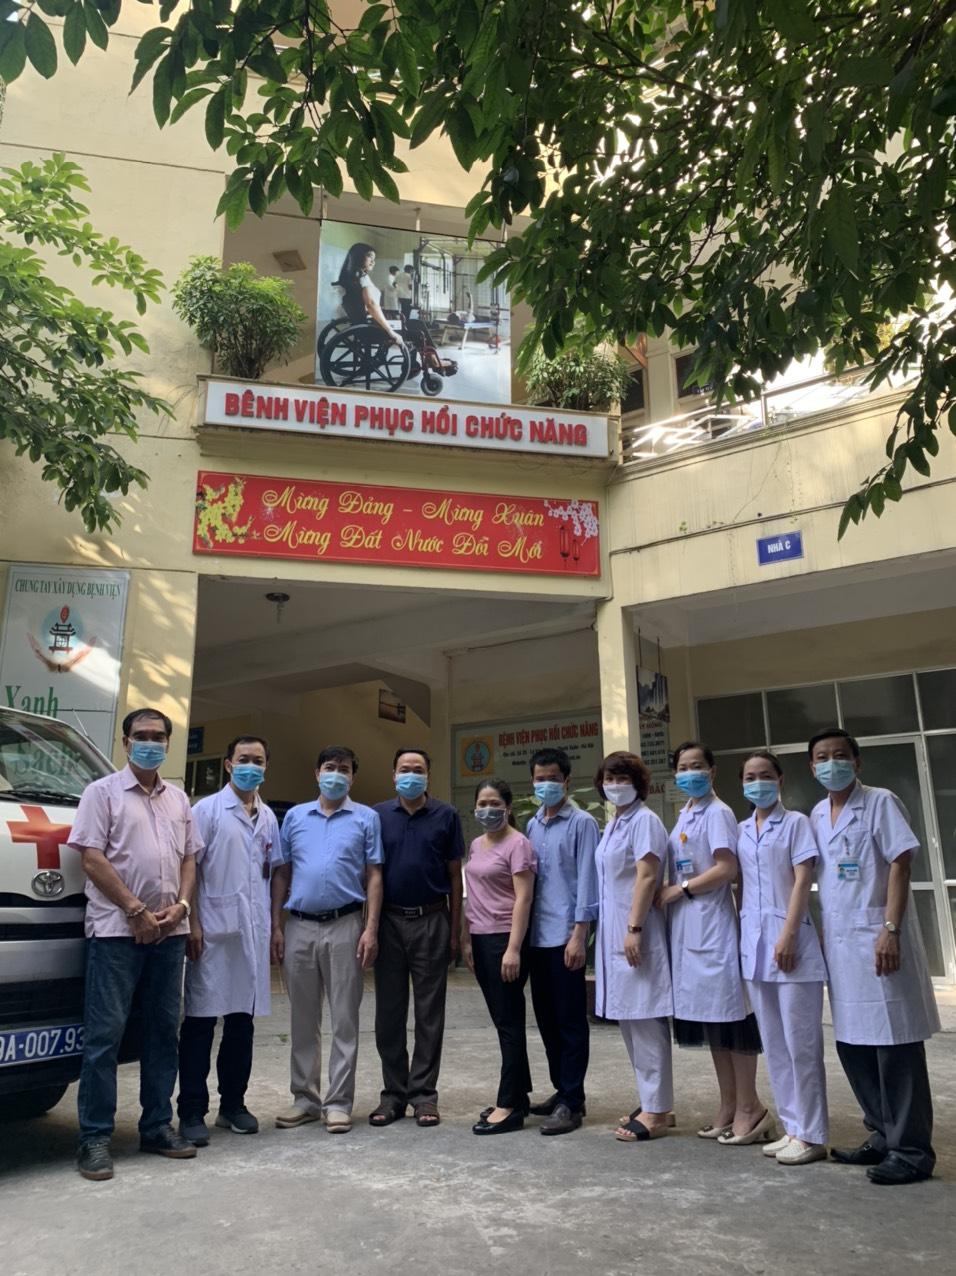 Bệnh viện Phục hồi chức năng Hà Nội cử đội cấp cứu lên đường tăng cường cho tỉnh Bắc Giang